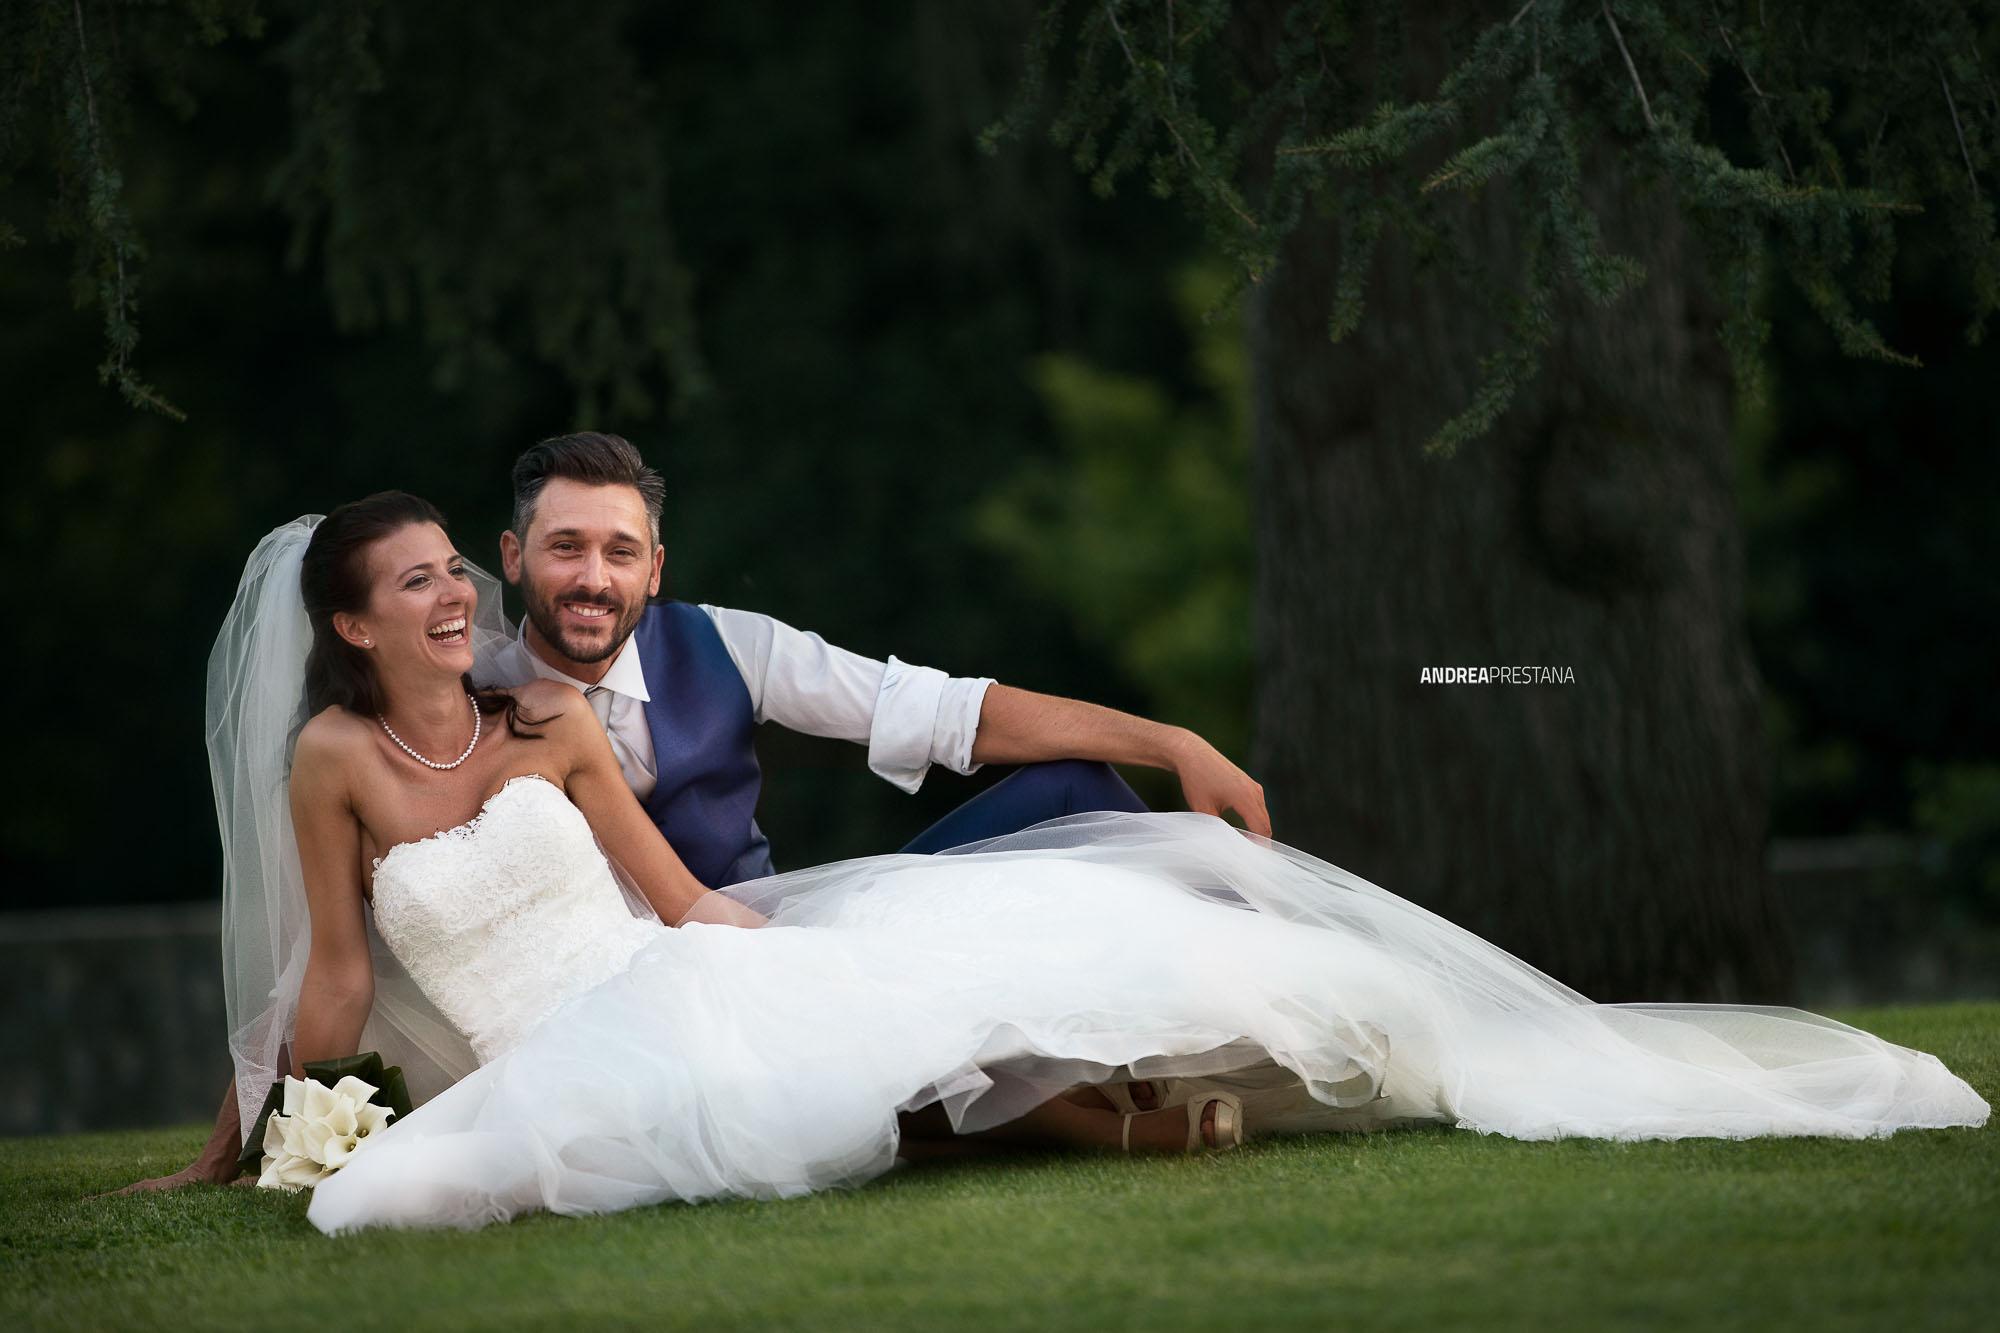 Il servizio fotografico matrimoniale